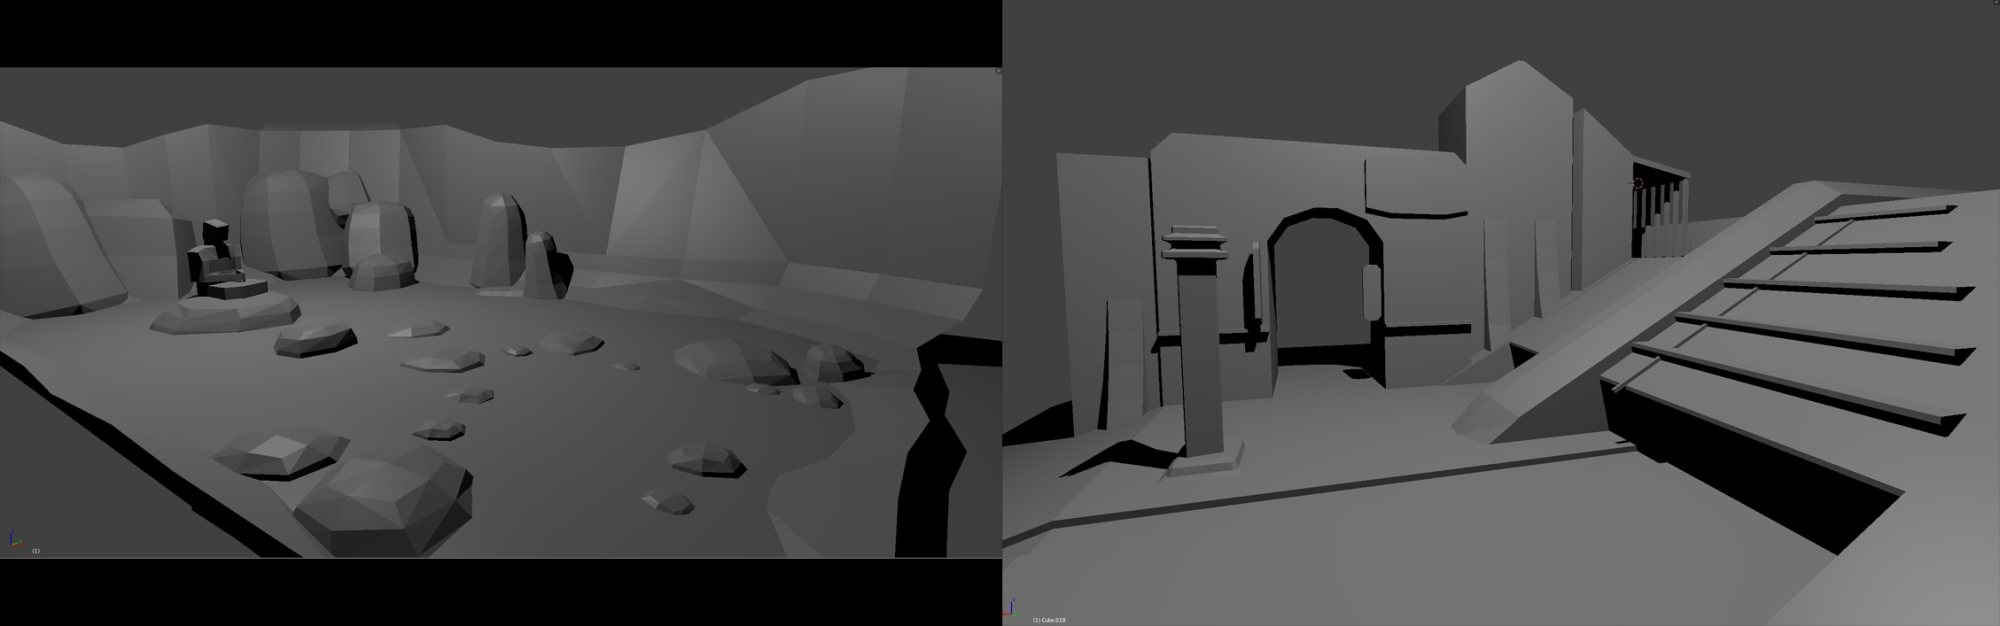 3D Shots.jpg